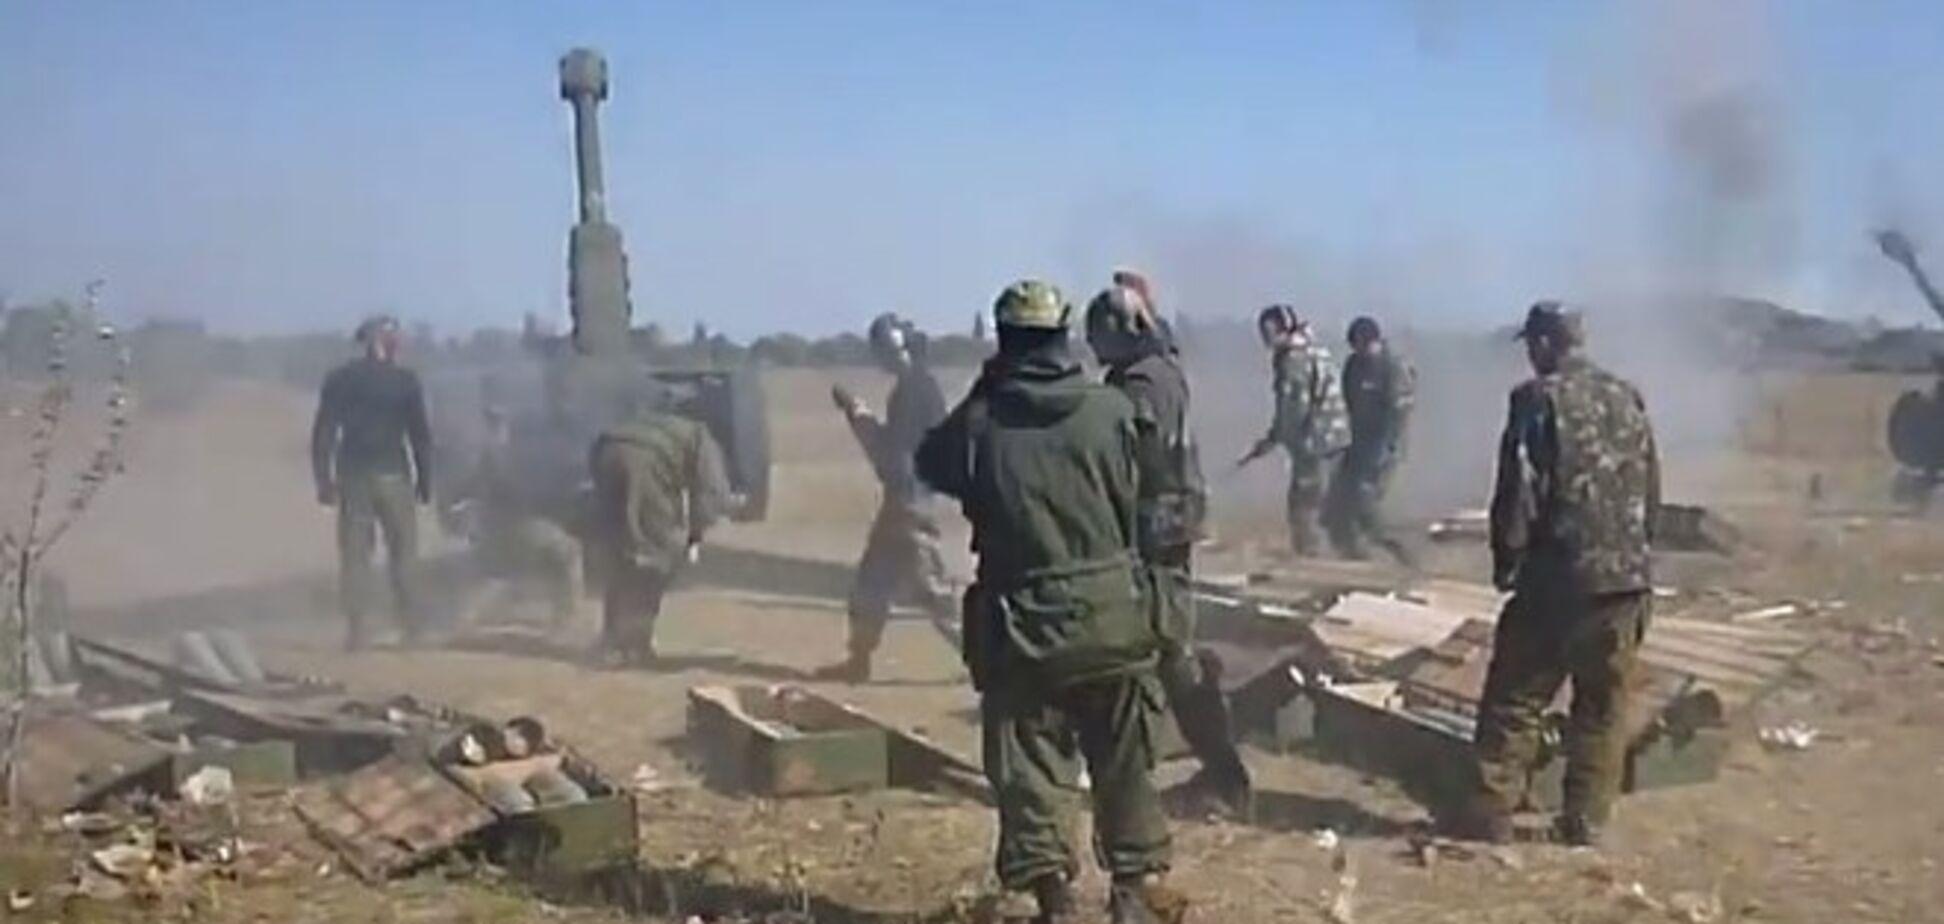 Российские наемники 'ЛНР' сняли на видео артобстрел позиций украинских военных